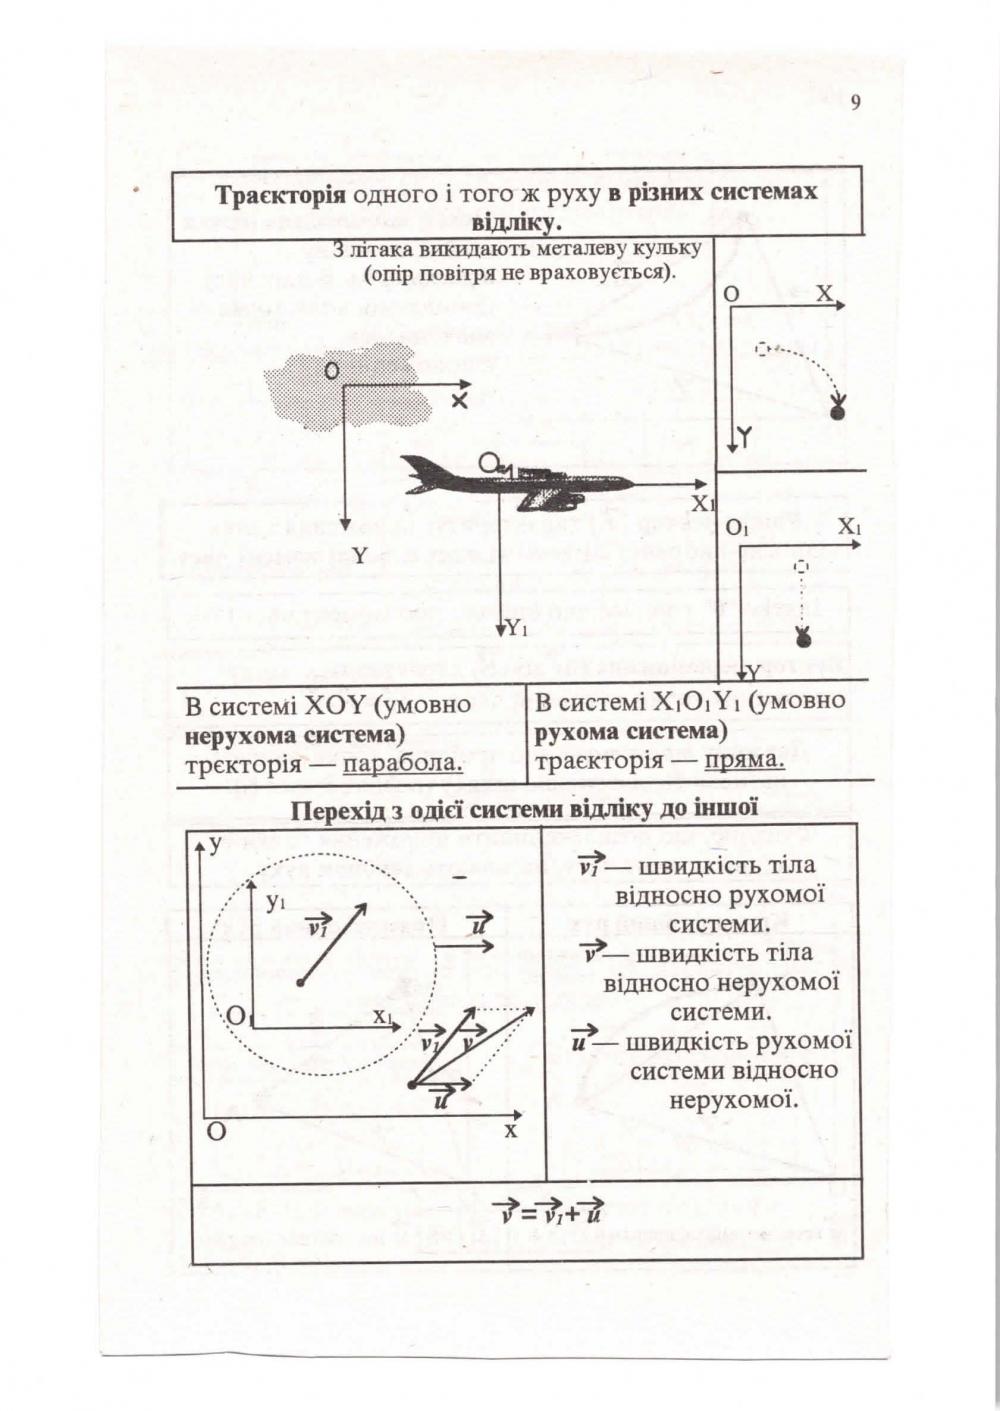 Фізика в таблицях і схемах. Авт: Почтаренко Г. Вид-во: Логос. купити 10